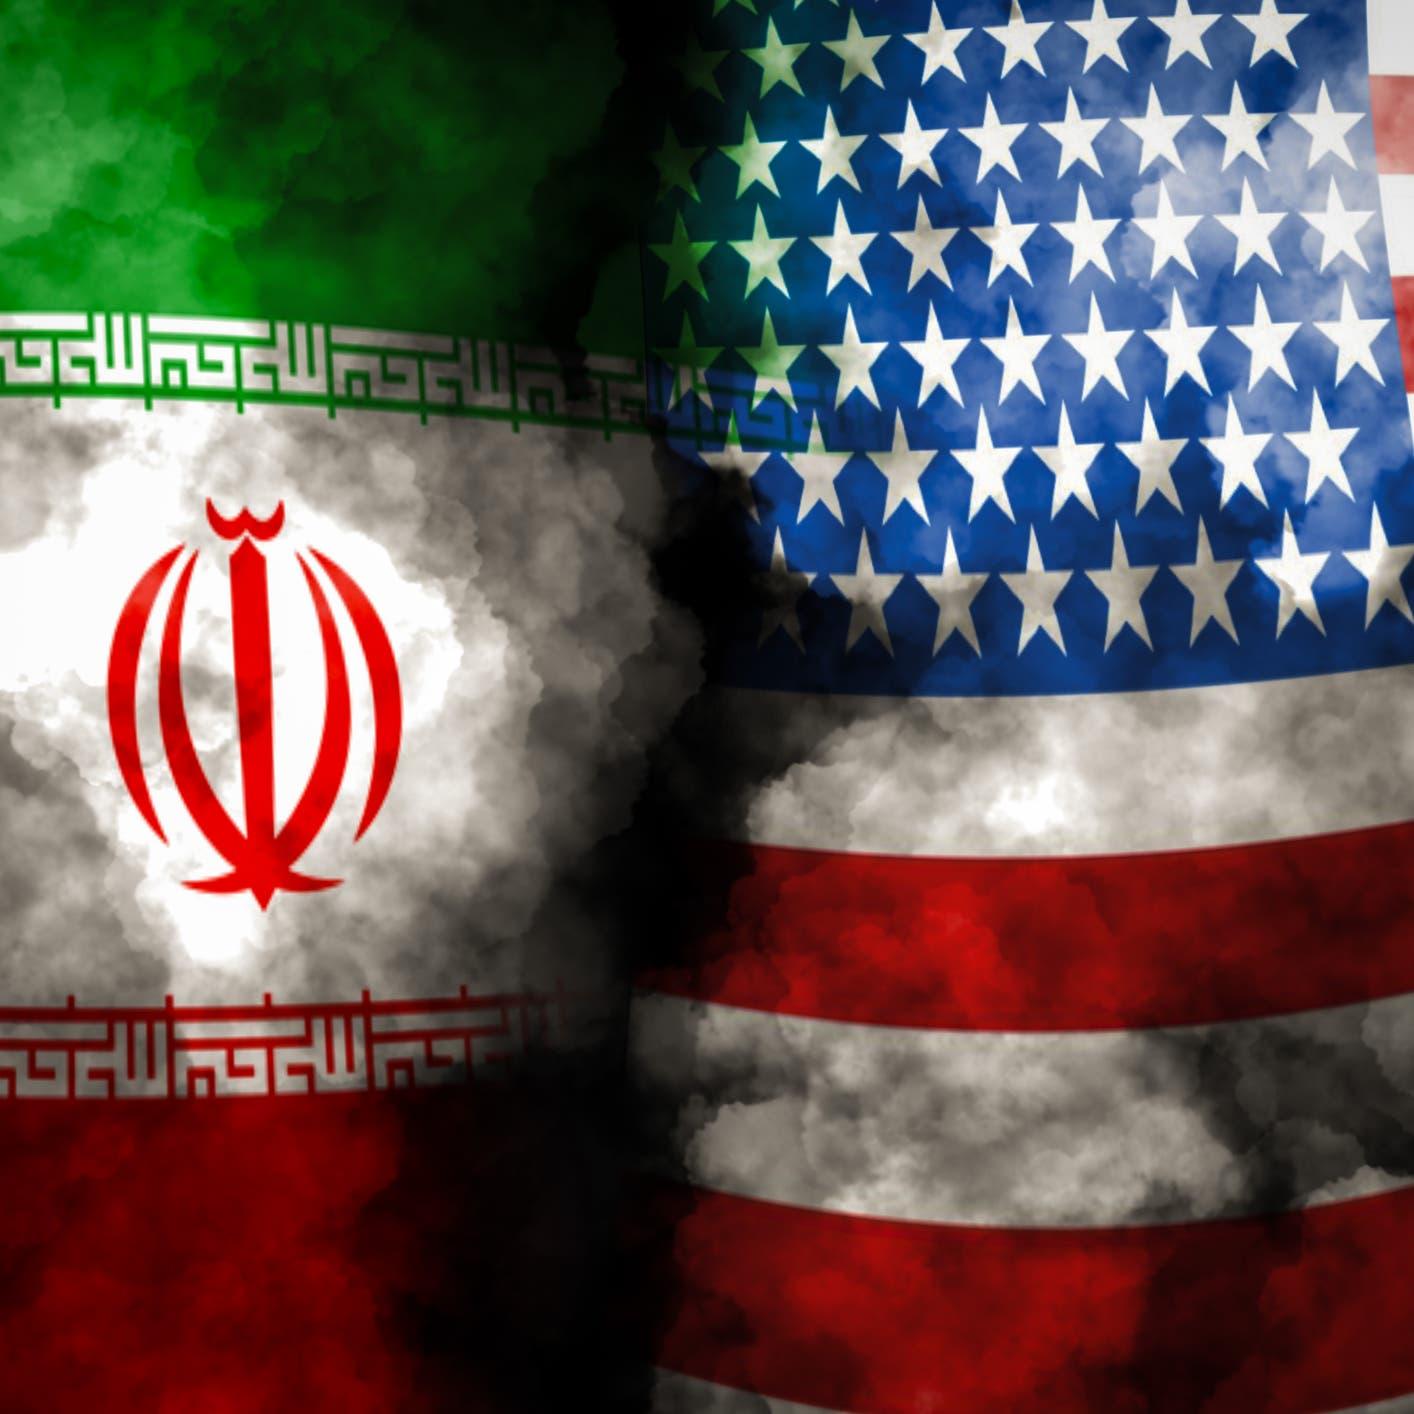 واشنطن: الاتفاق مع إيران لن يمنعنا من مواجهة نشاطها الخبيث